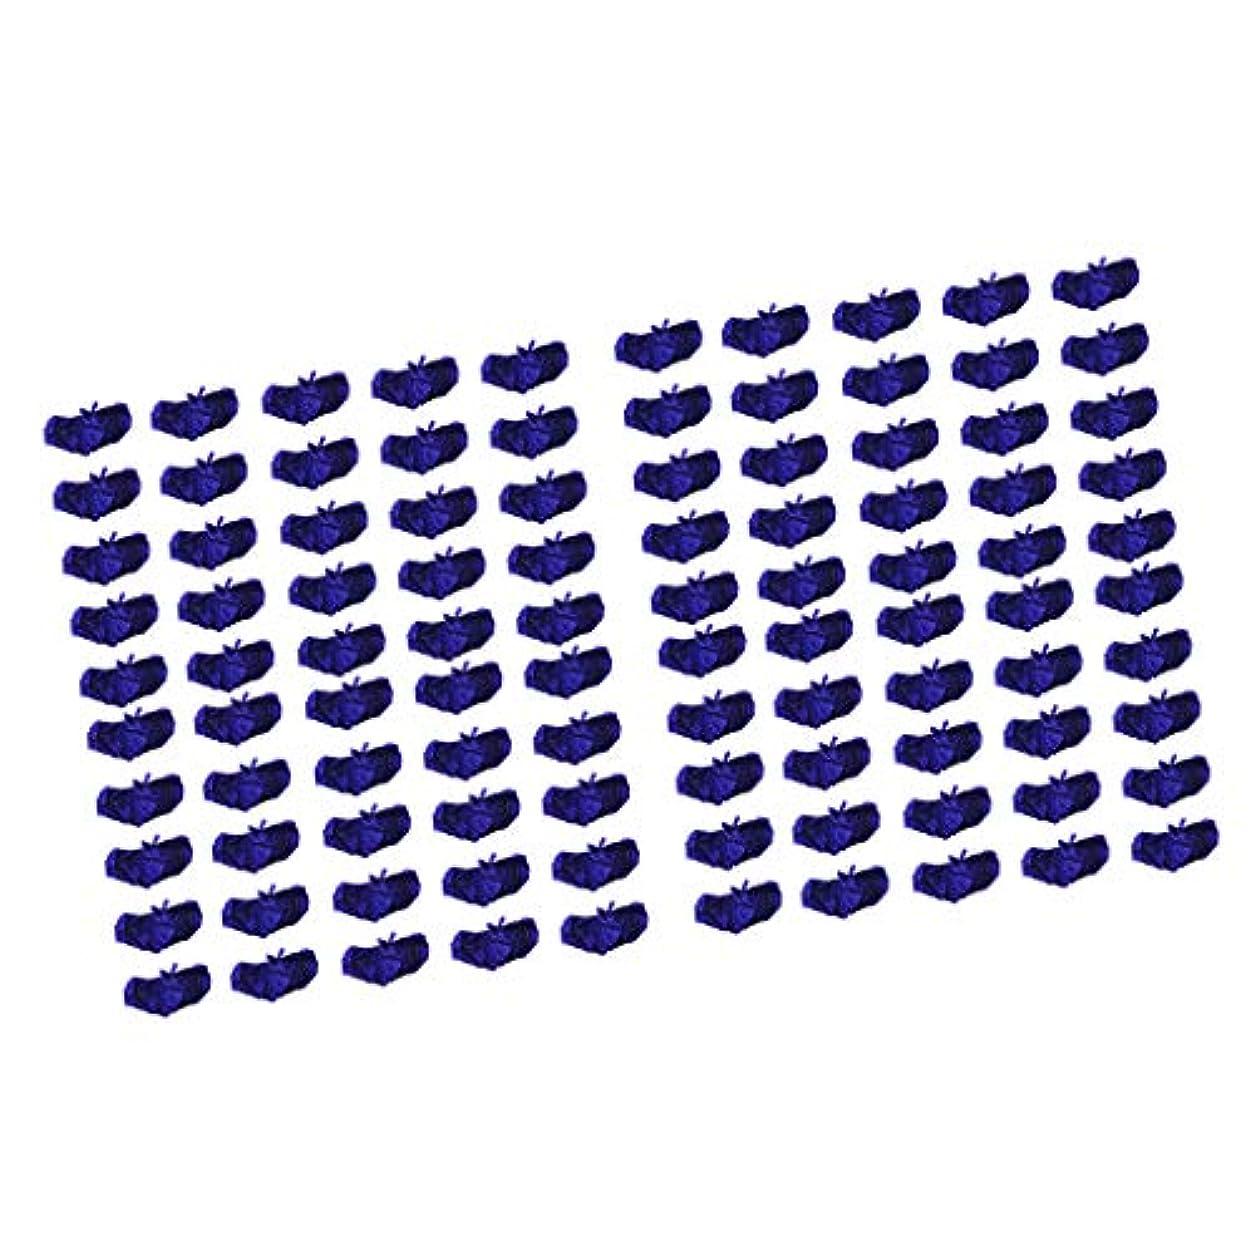 簡略化するアンタゴニストアデレードP Prettyia ブラジャー ブラ 使い捨て 不織布 マッサージ スパ 美容 サウナ ダークブルー 100個セット